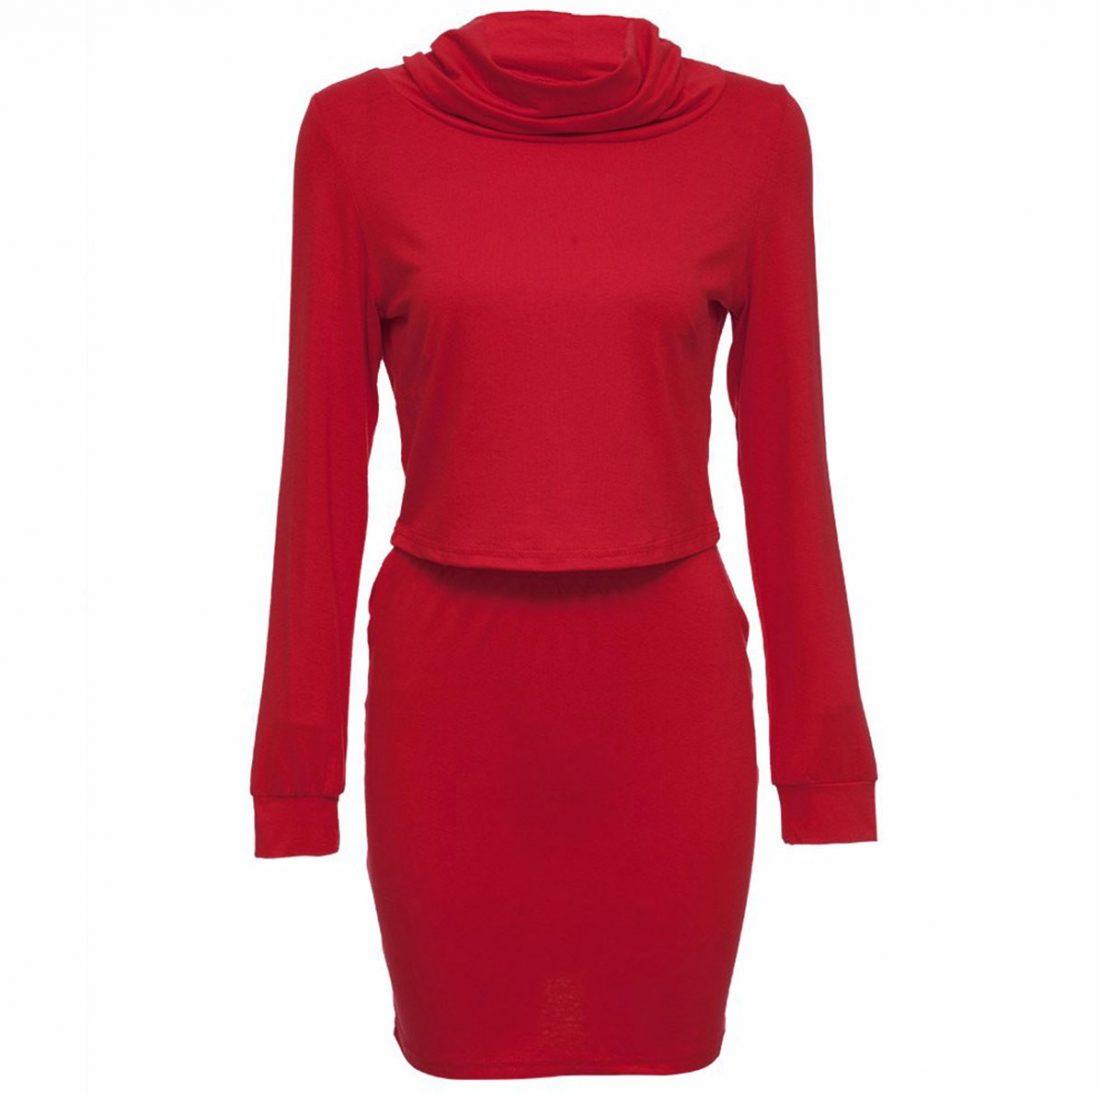 M0181 red1 Two Piece Sets Dresses maureens.com boutique